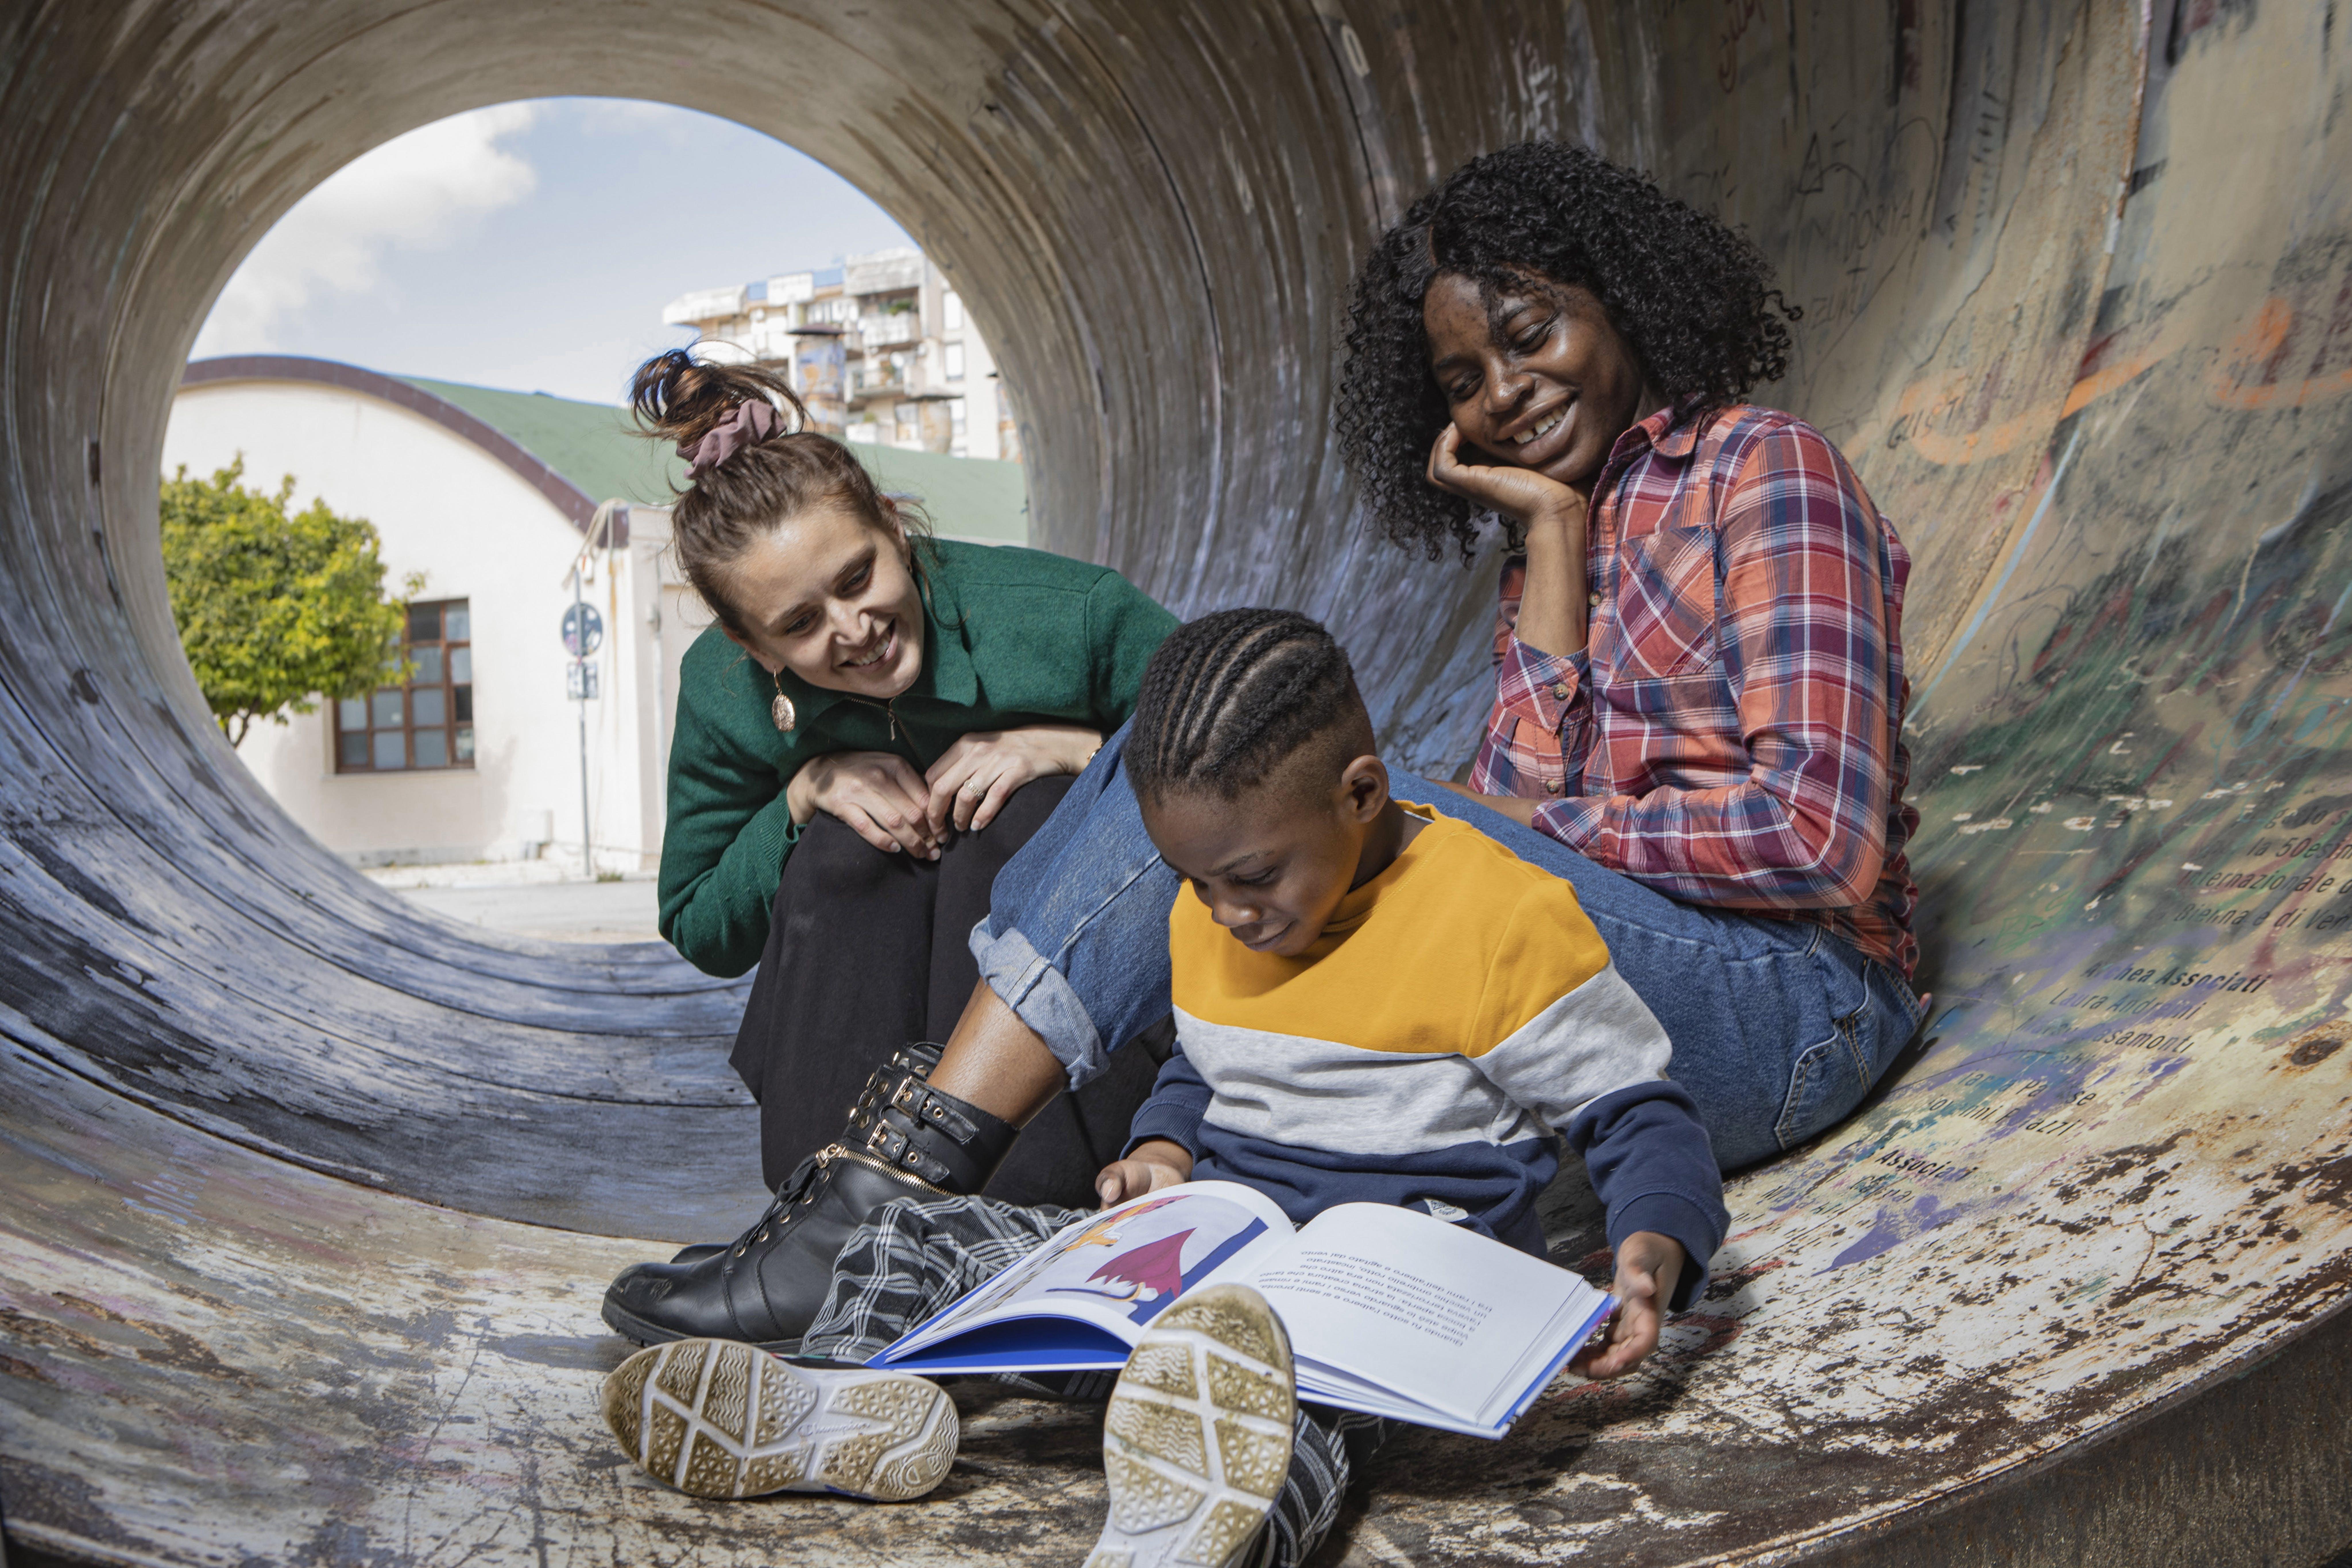 Vittoria e Valentina guardano il piccolo Christian mentre legge un libro